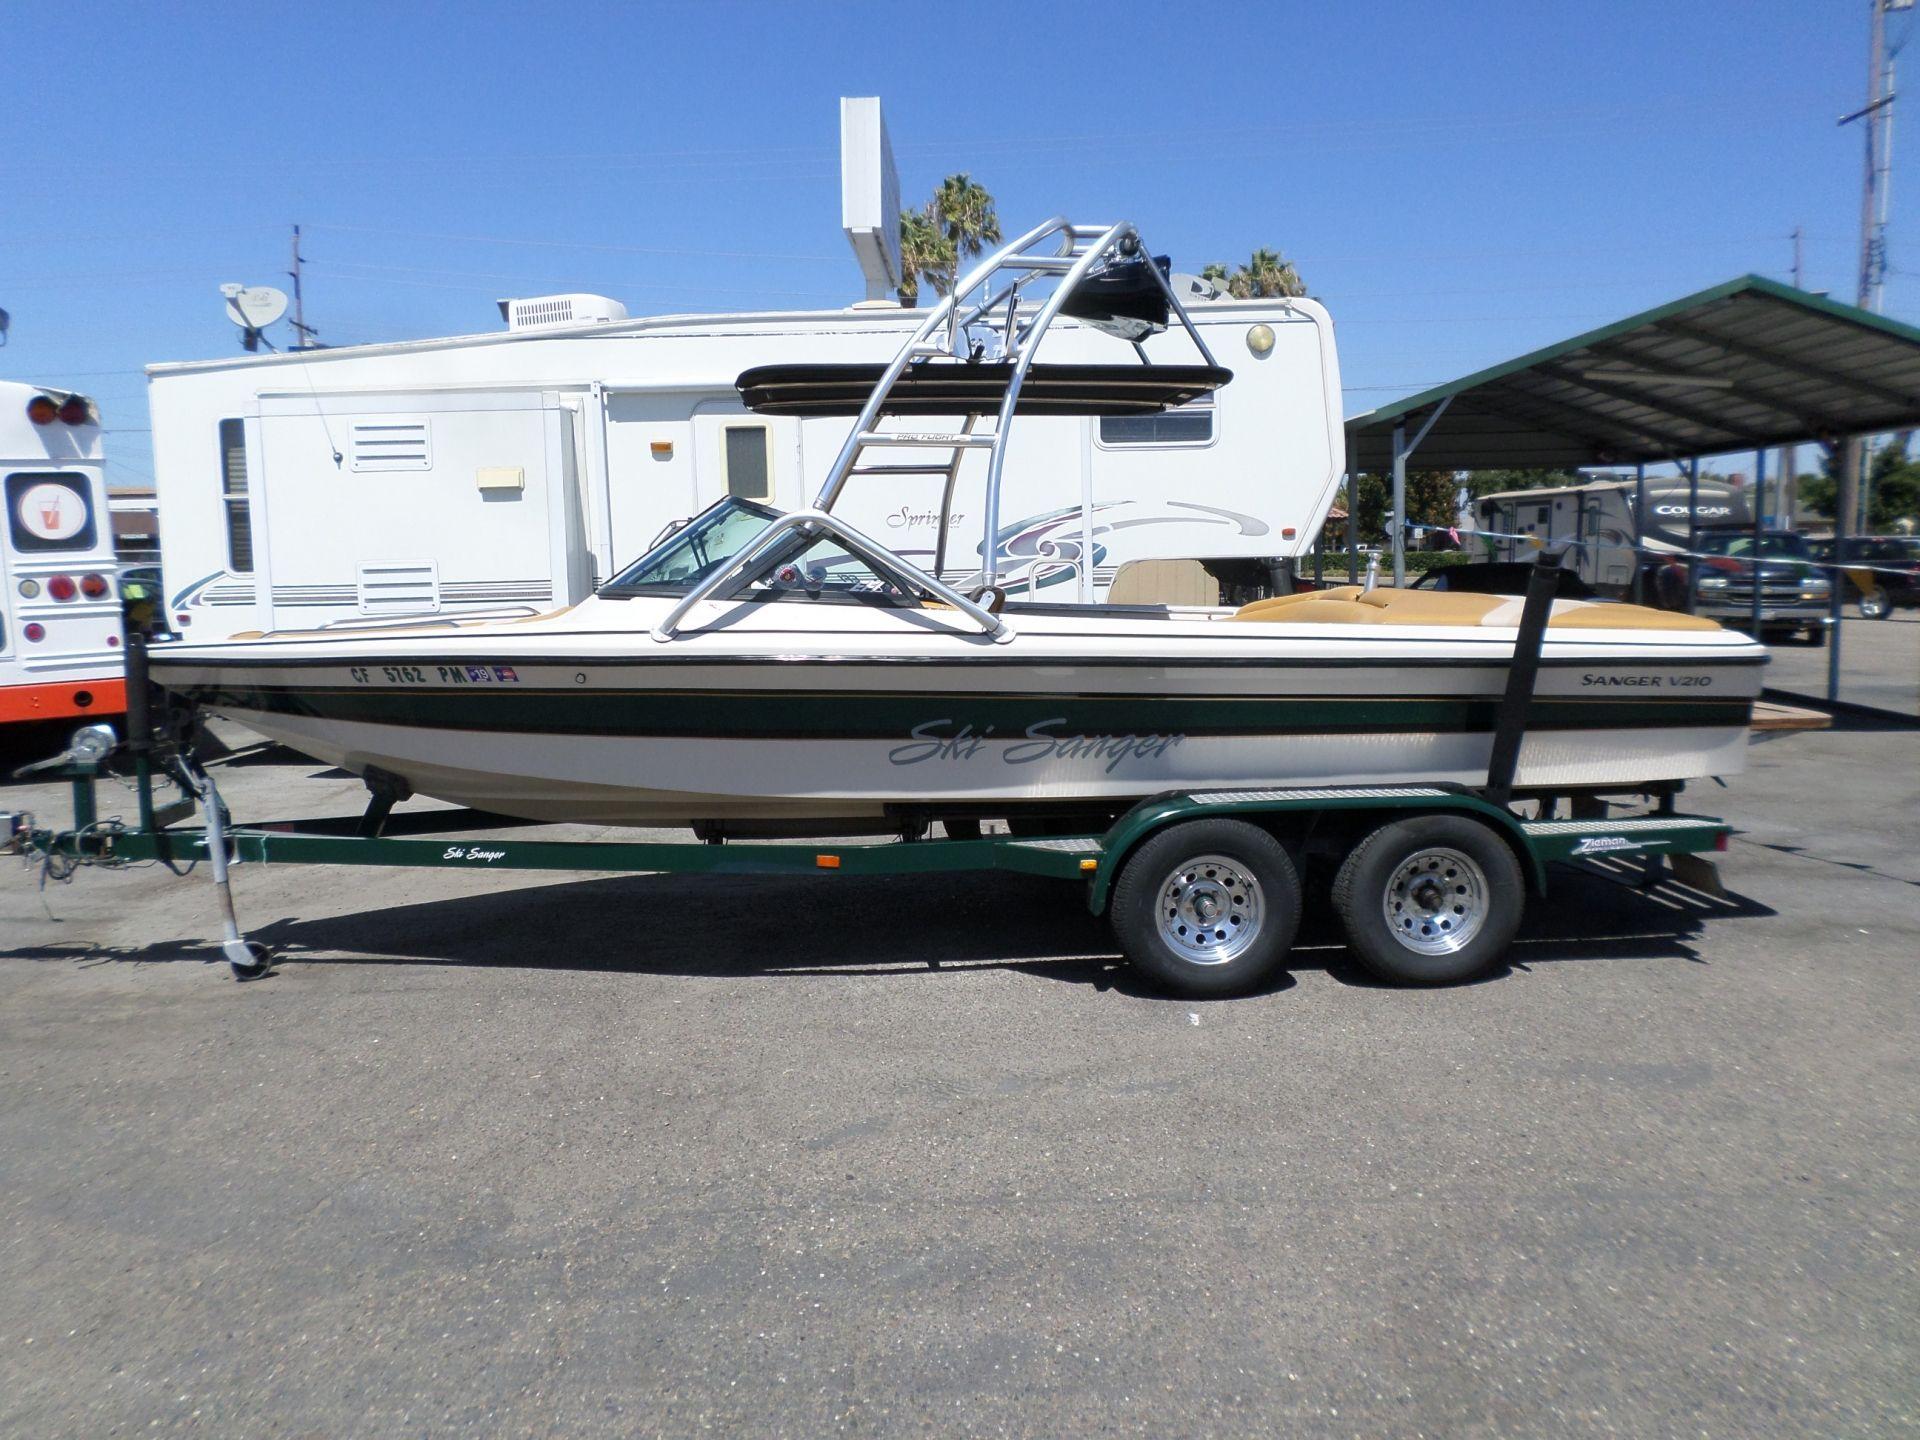 Boat For Sale 2000 Sanger V210 Ski Wakeboard Boat 21 In Lodi Stockton Ca Sanger Boats Boats For Sale Wakeboard Boats For Sale